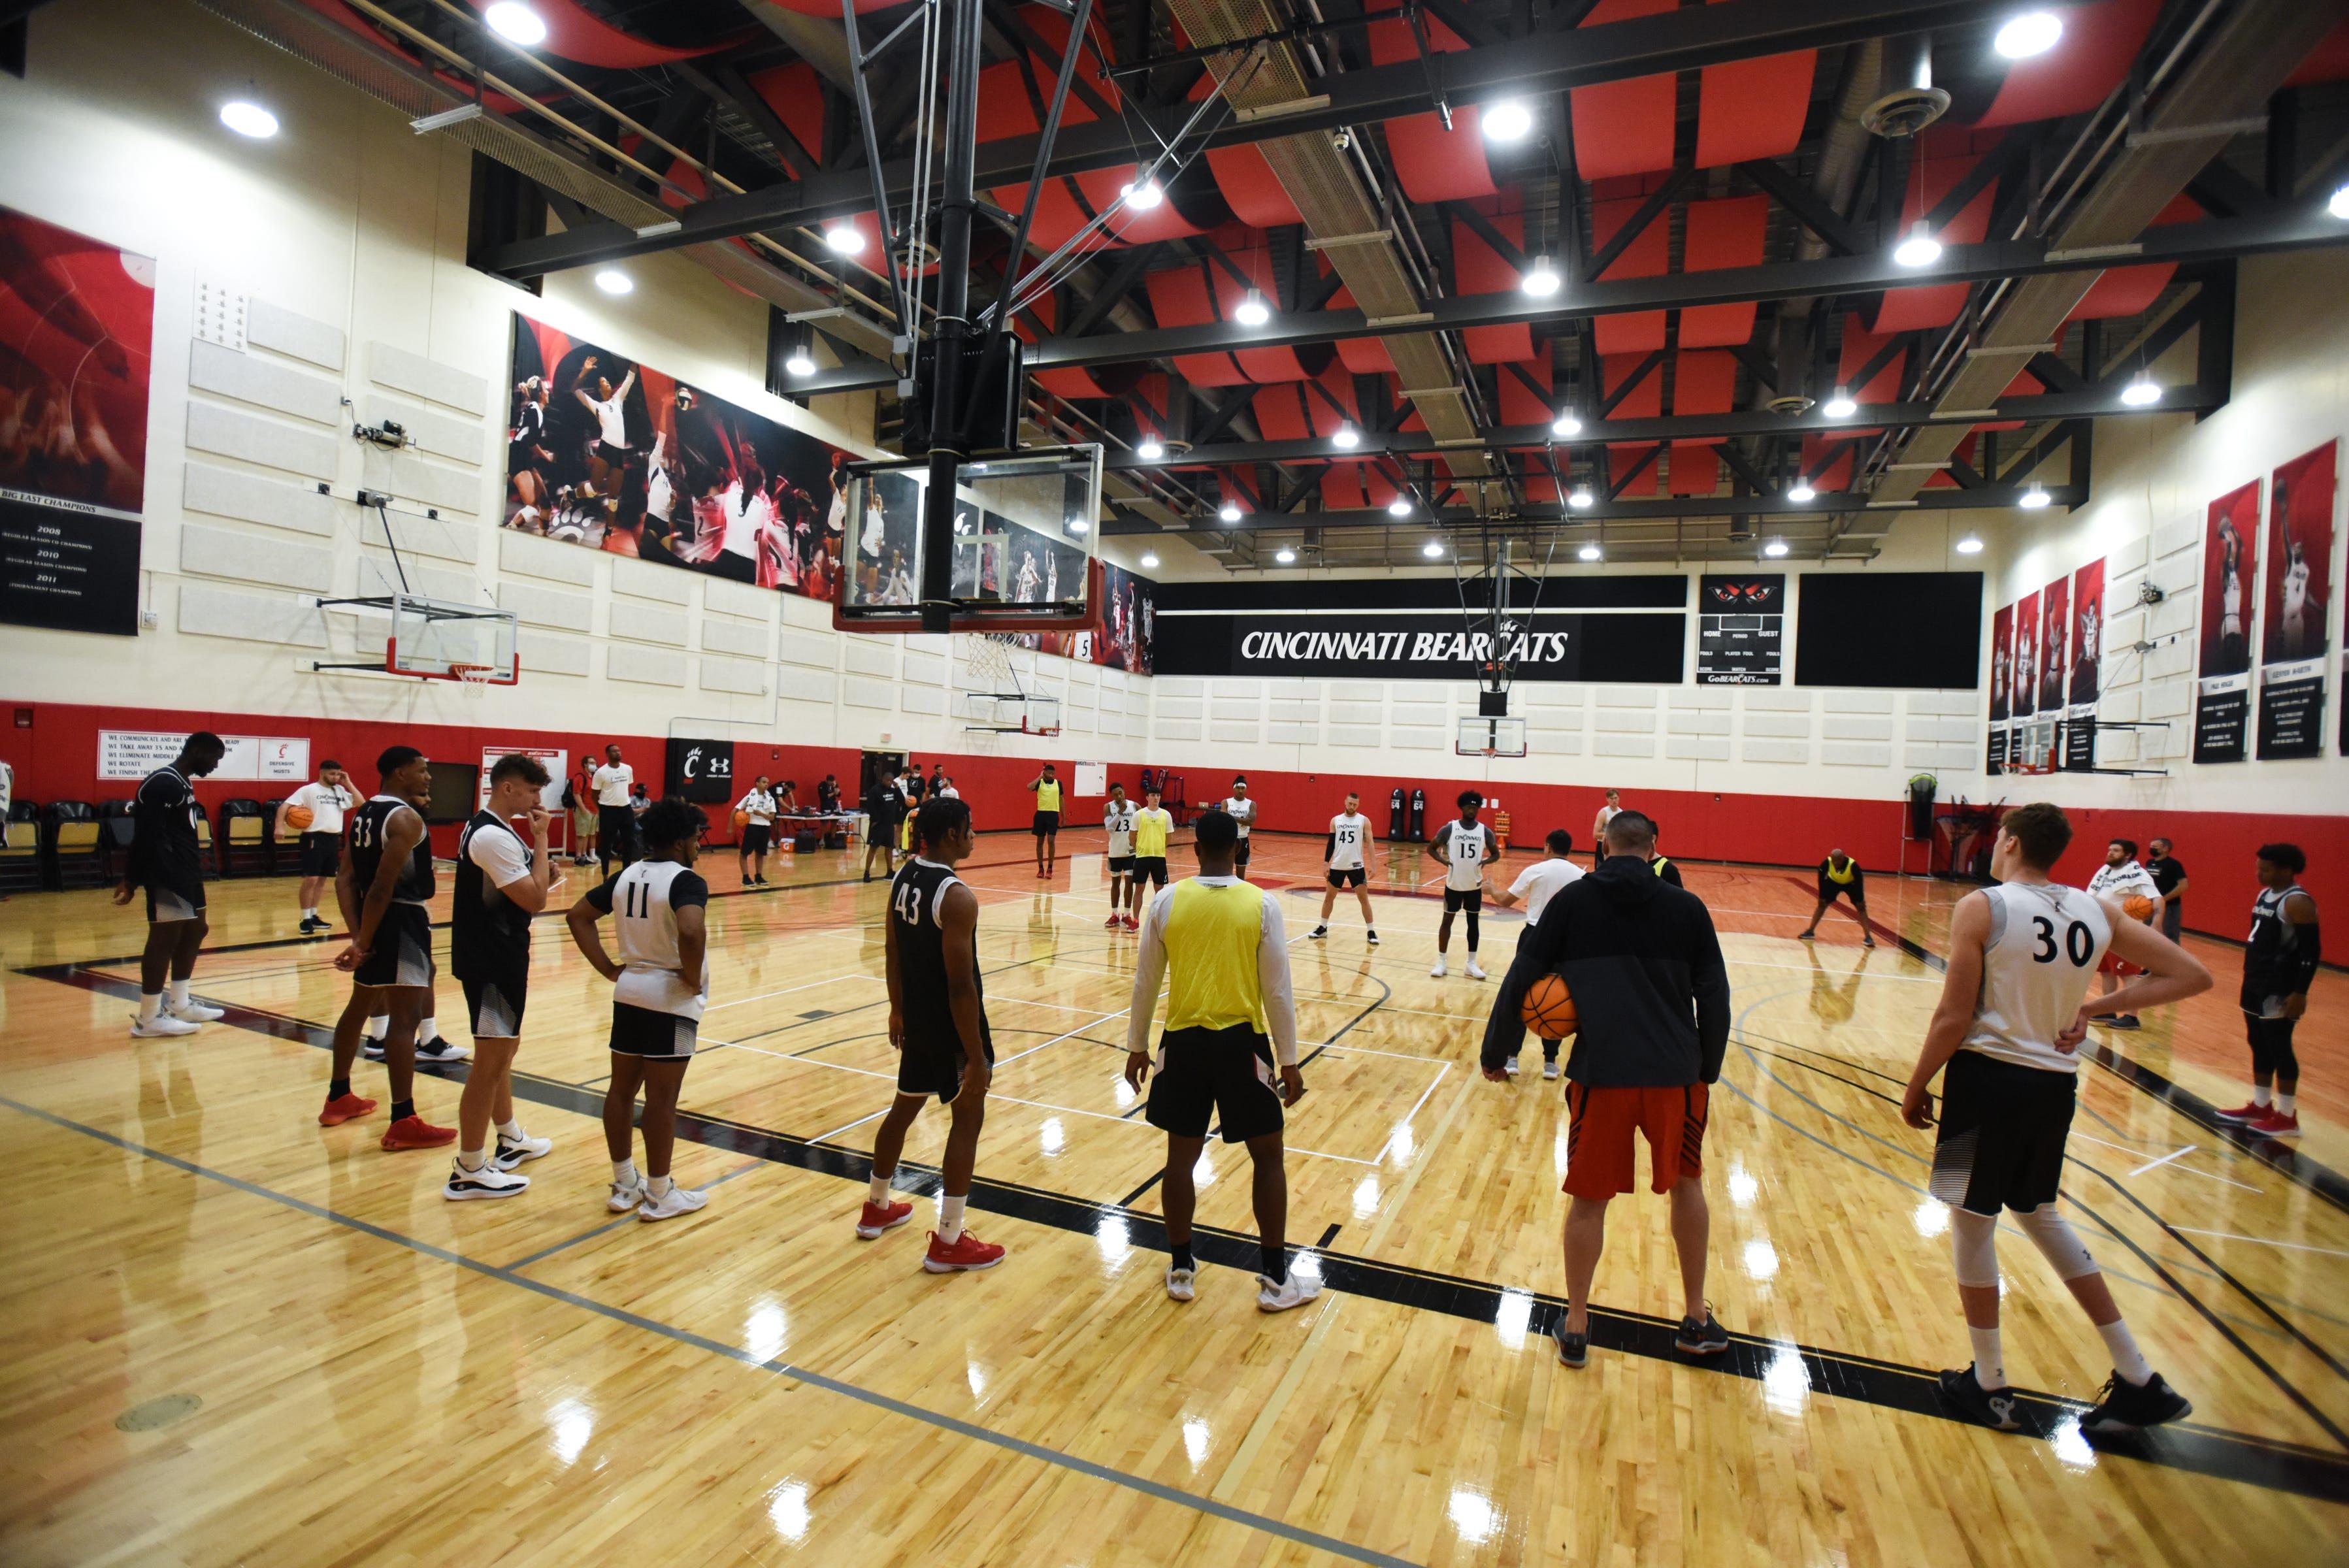 UC Bearcats basketball practice